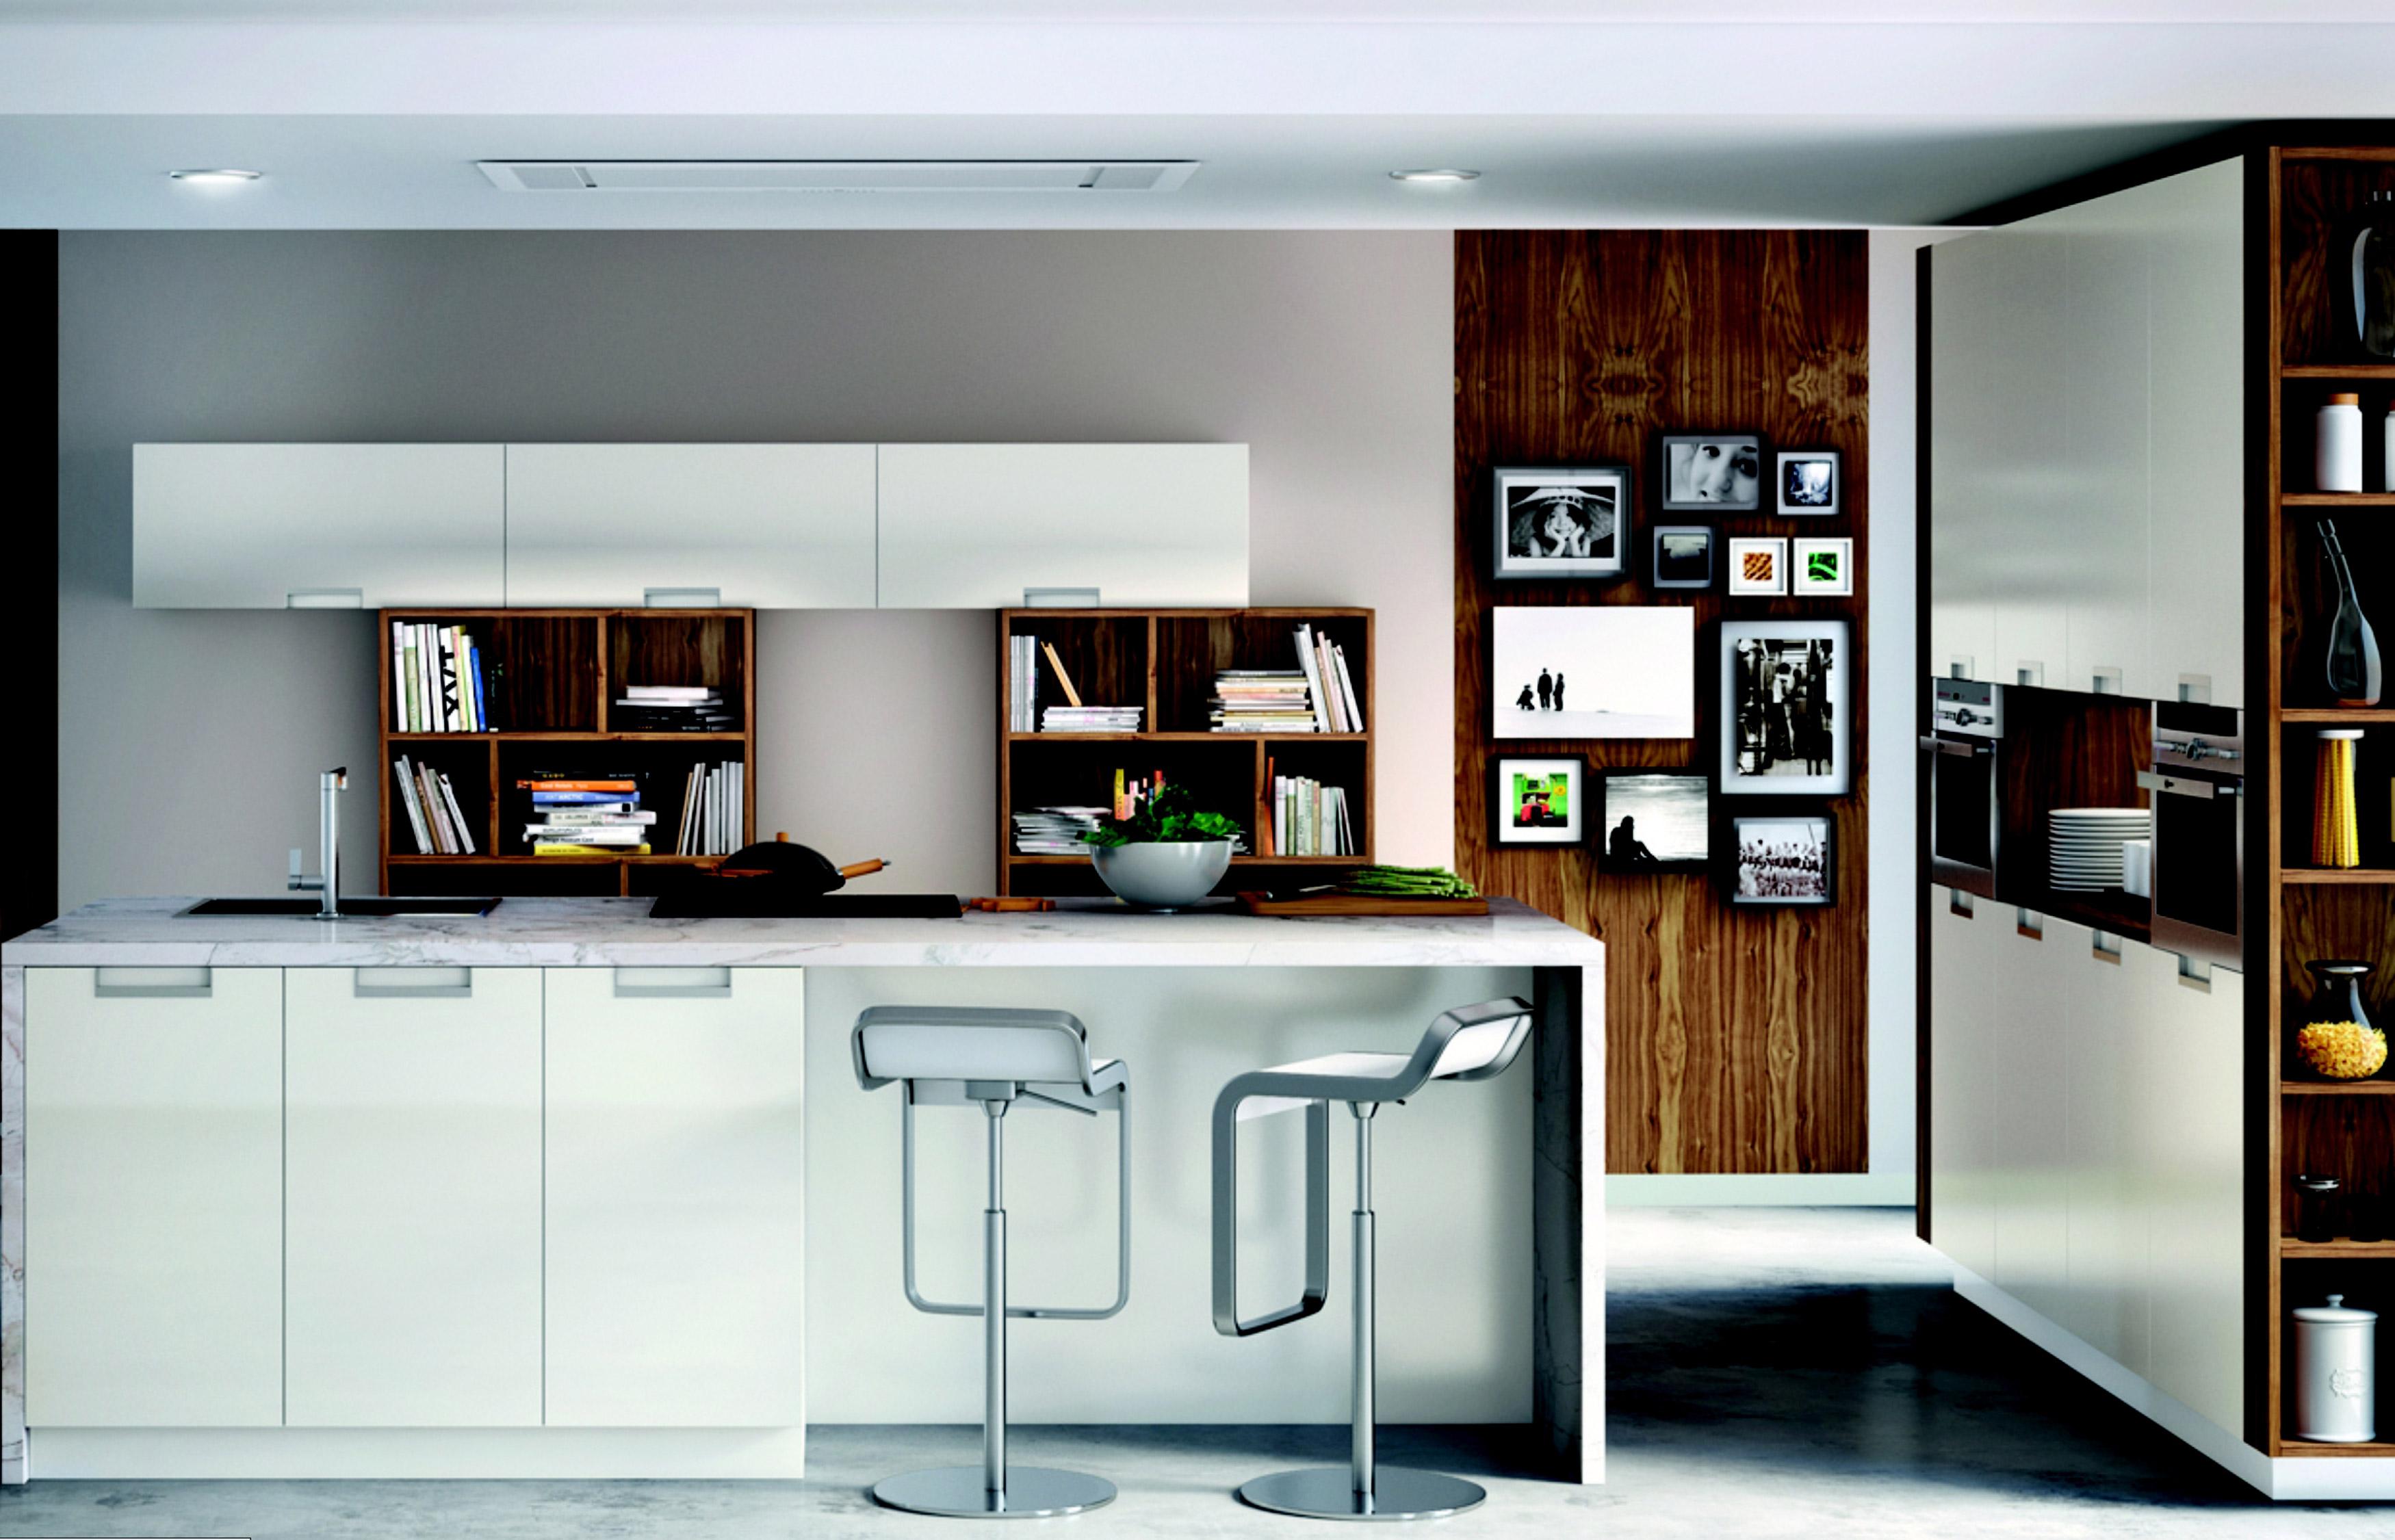 modelo laser muebles de cocina hermanos p rez On muebles de cocina hermanos perez